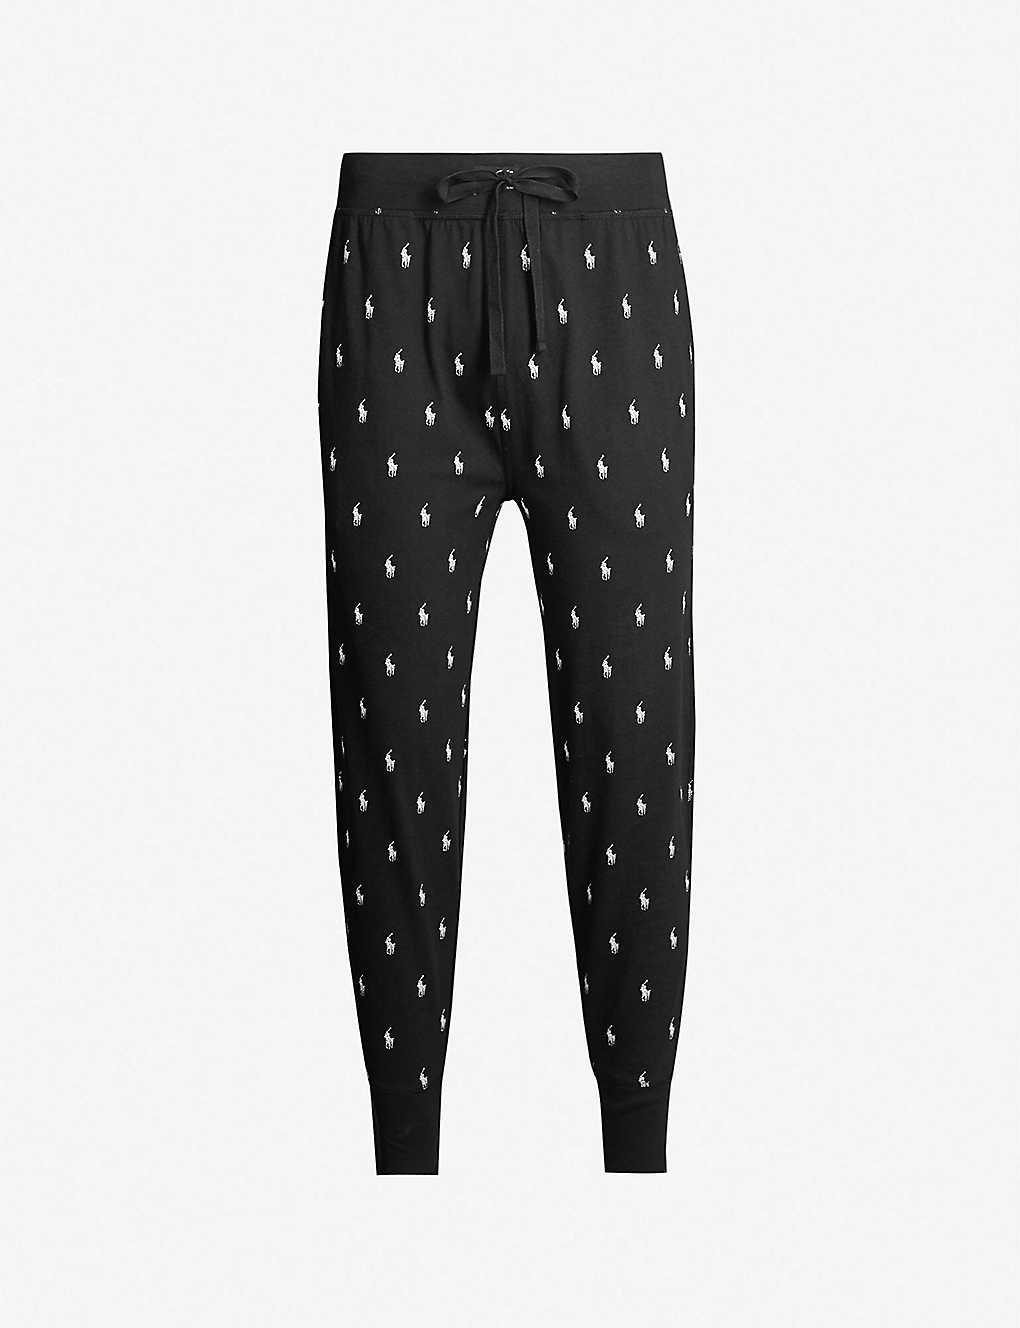 85d49d9c4e52b POLO RALPH LAUREN - Logo-print cotton-jersey pyjama bottoms | Selfridges.com